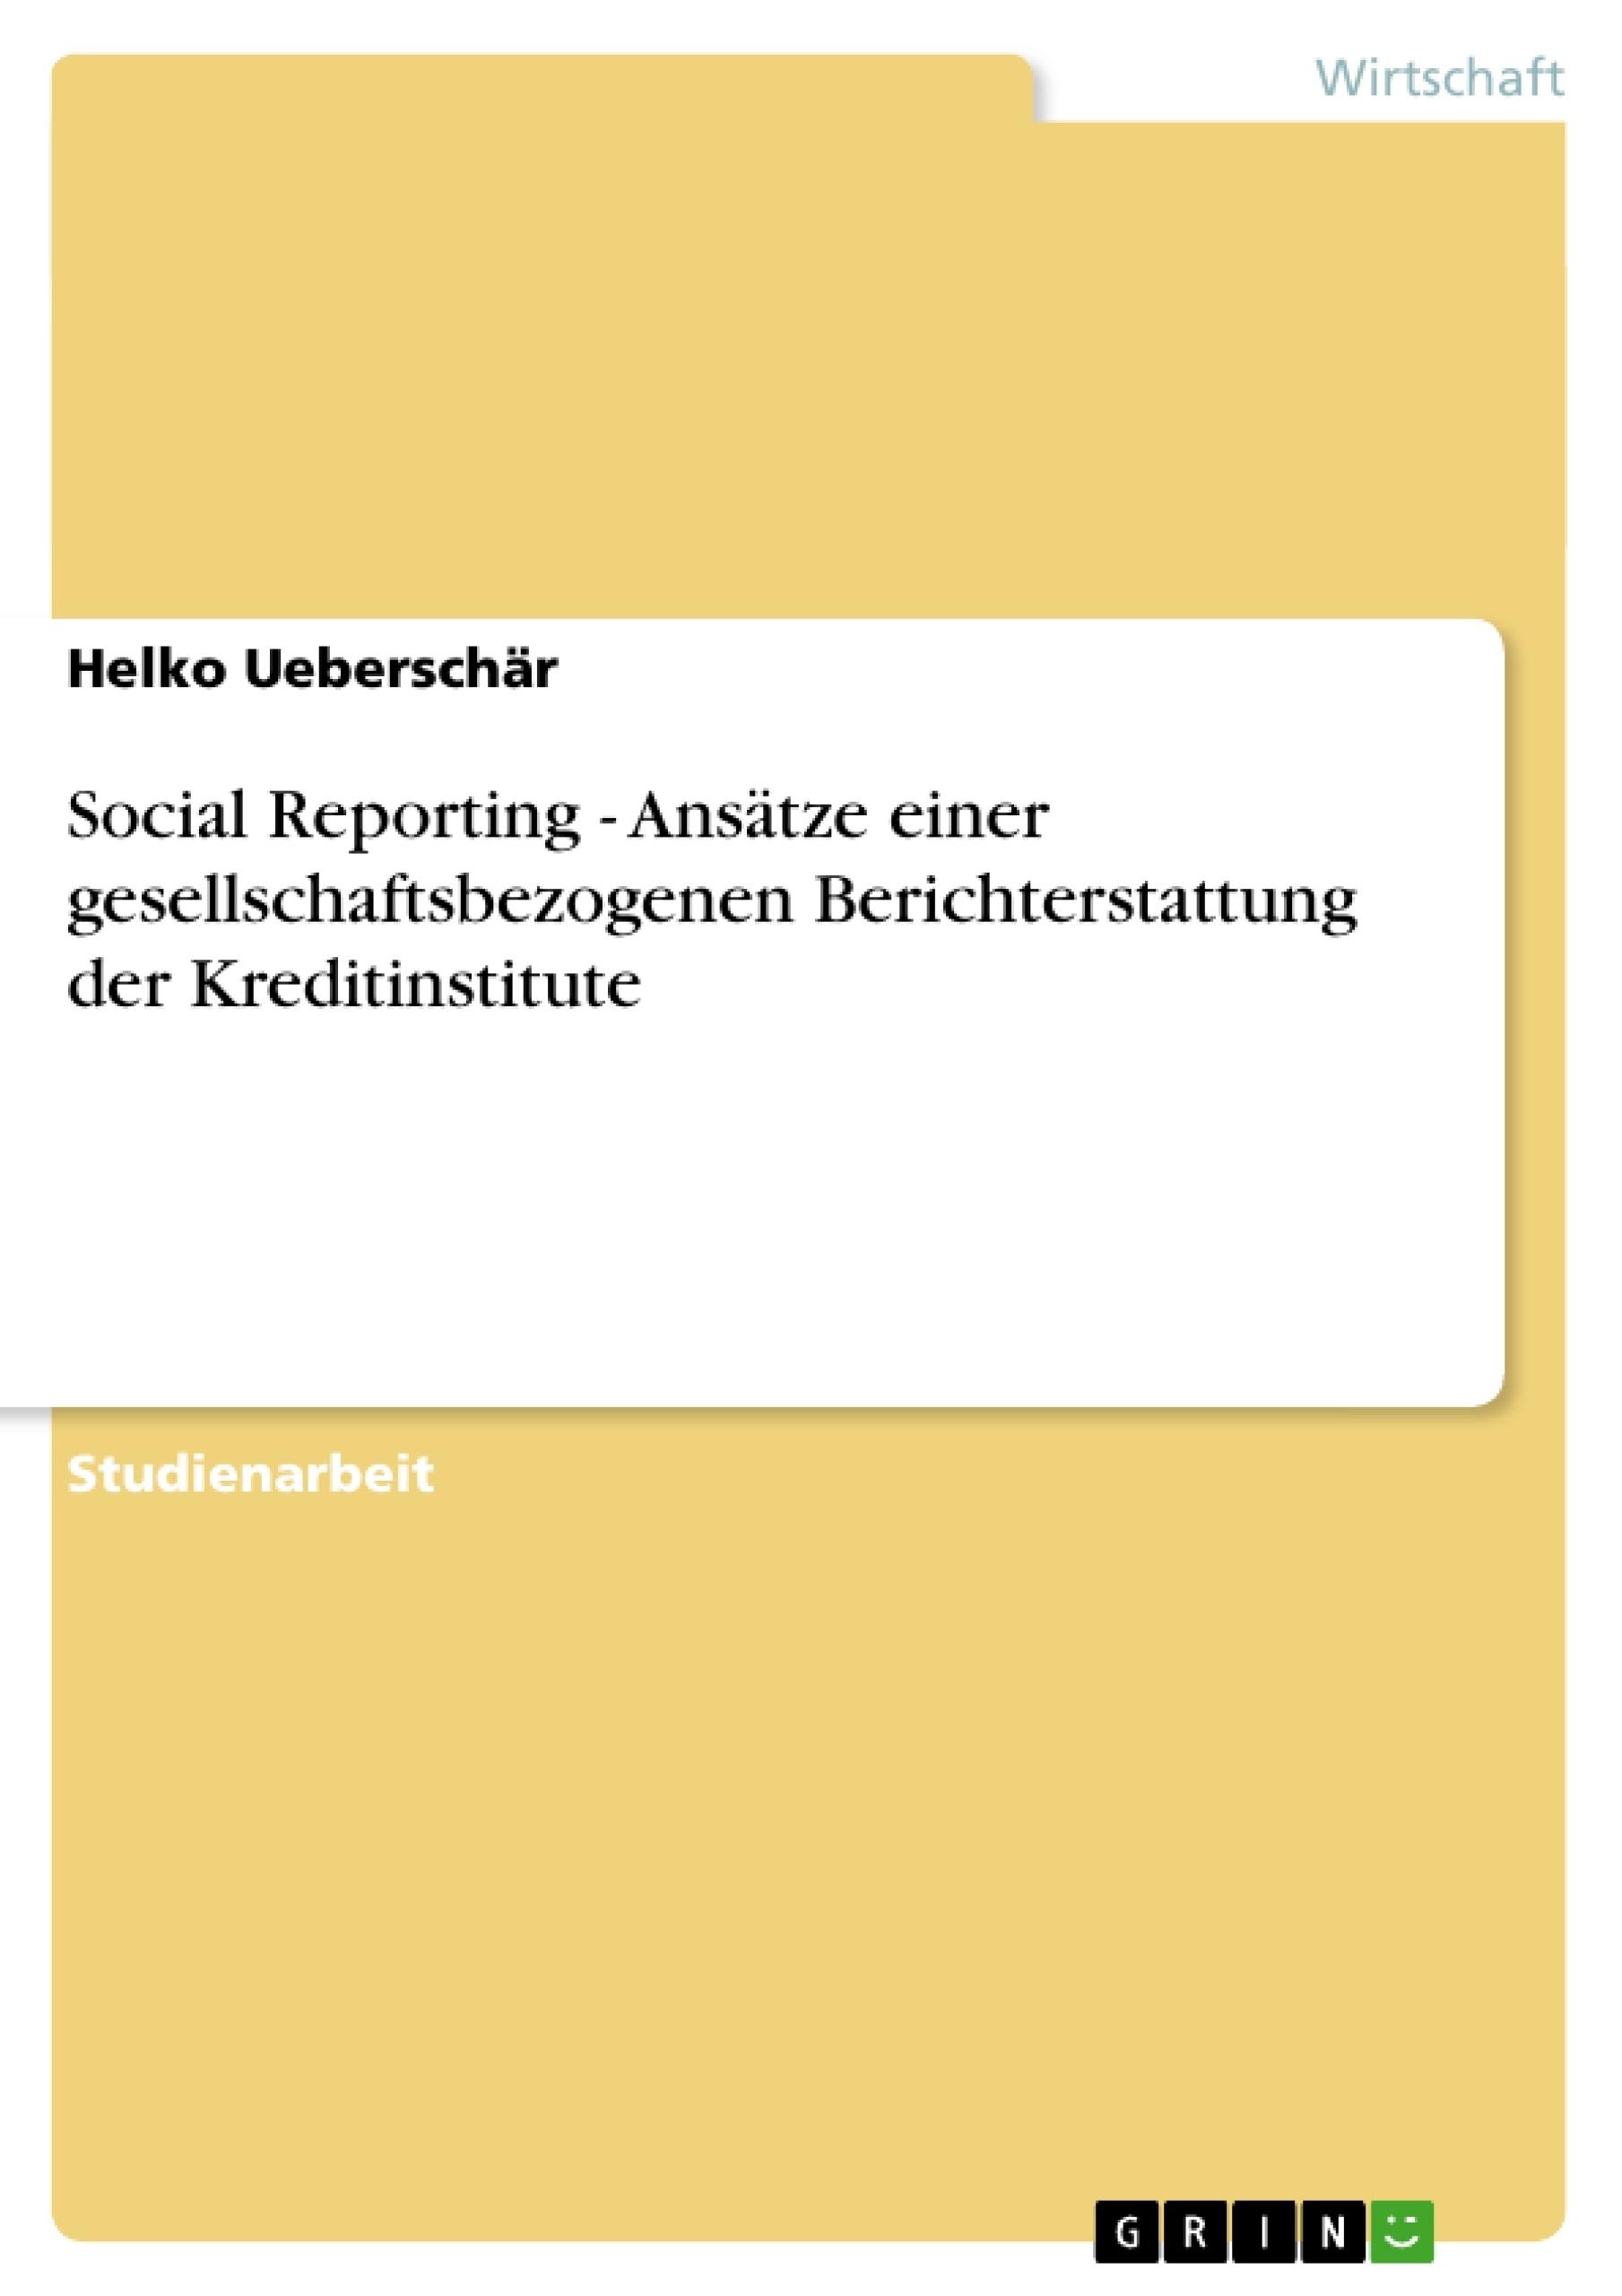 Titel: Social Reporting - Ansätze einer gesellschaftsbezogenen Berichterstattung der Kreditinstitute